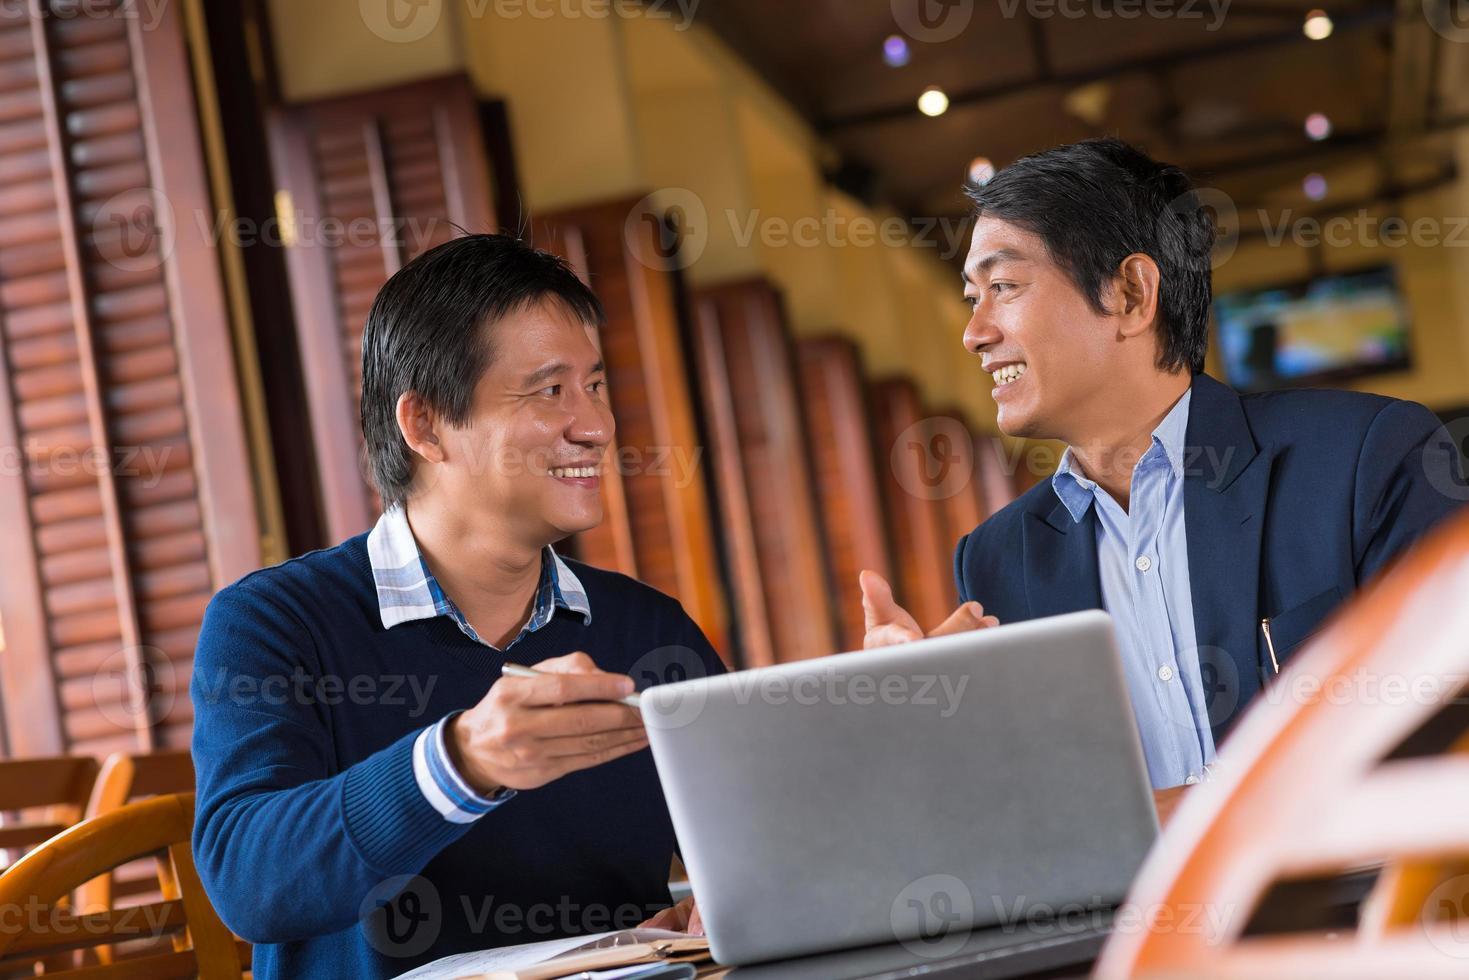 discutere informazioni sullo schermo del laptop foto